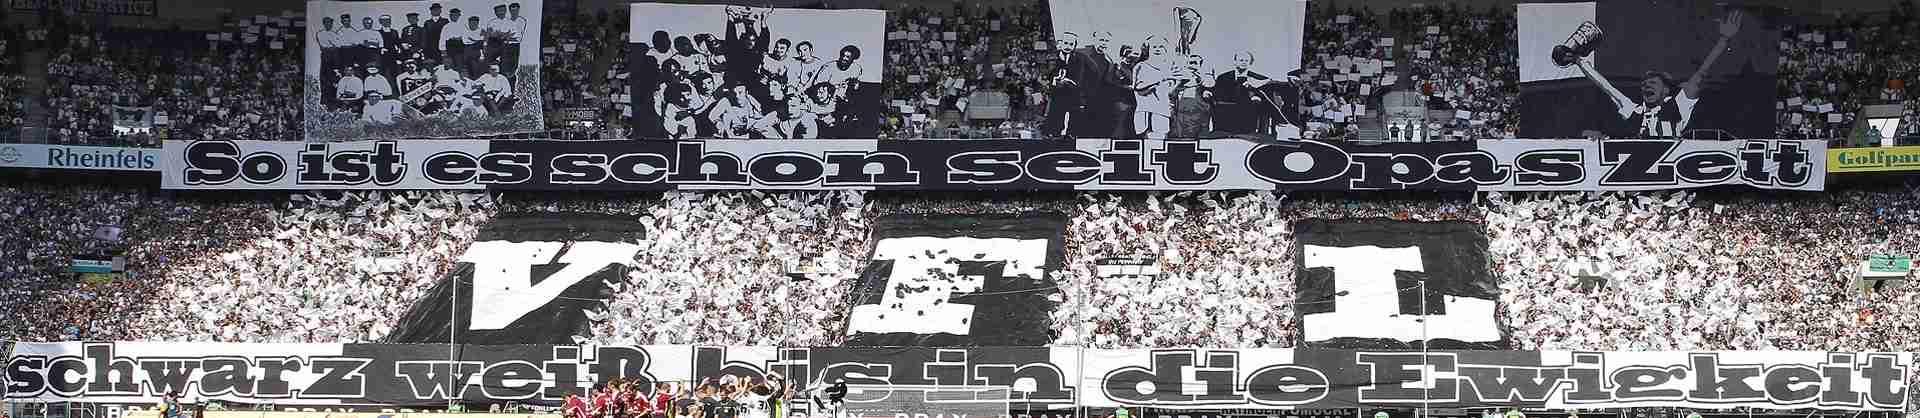 Die besten Fanmärsche: Borussia Mönchengladbach internationale